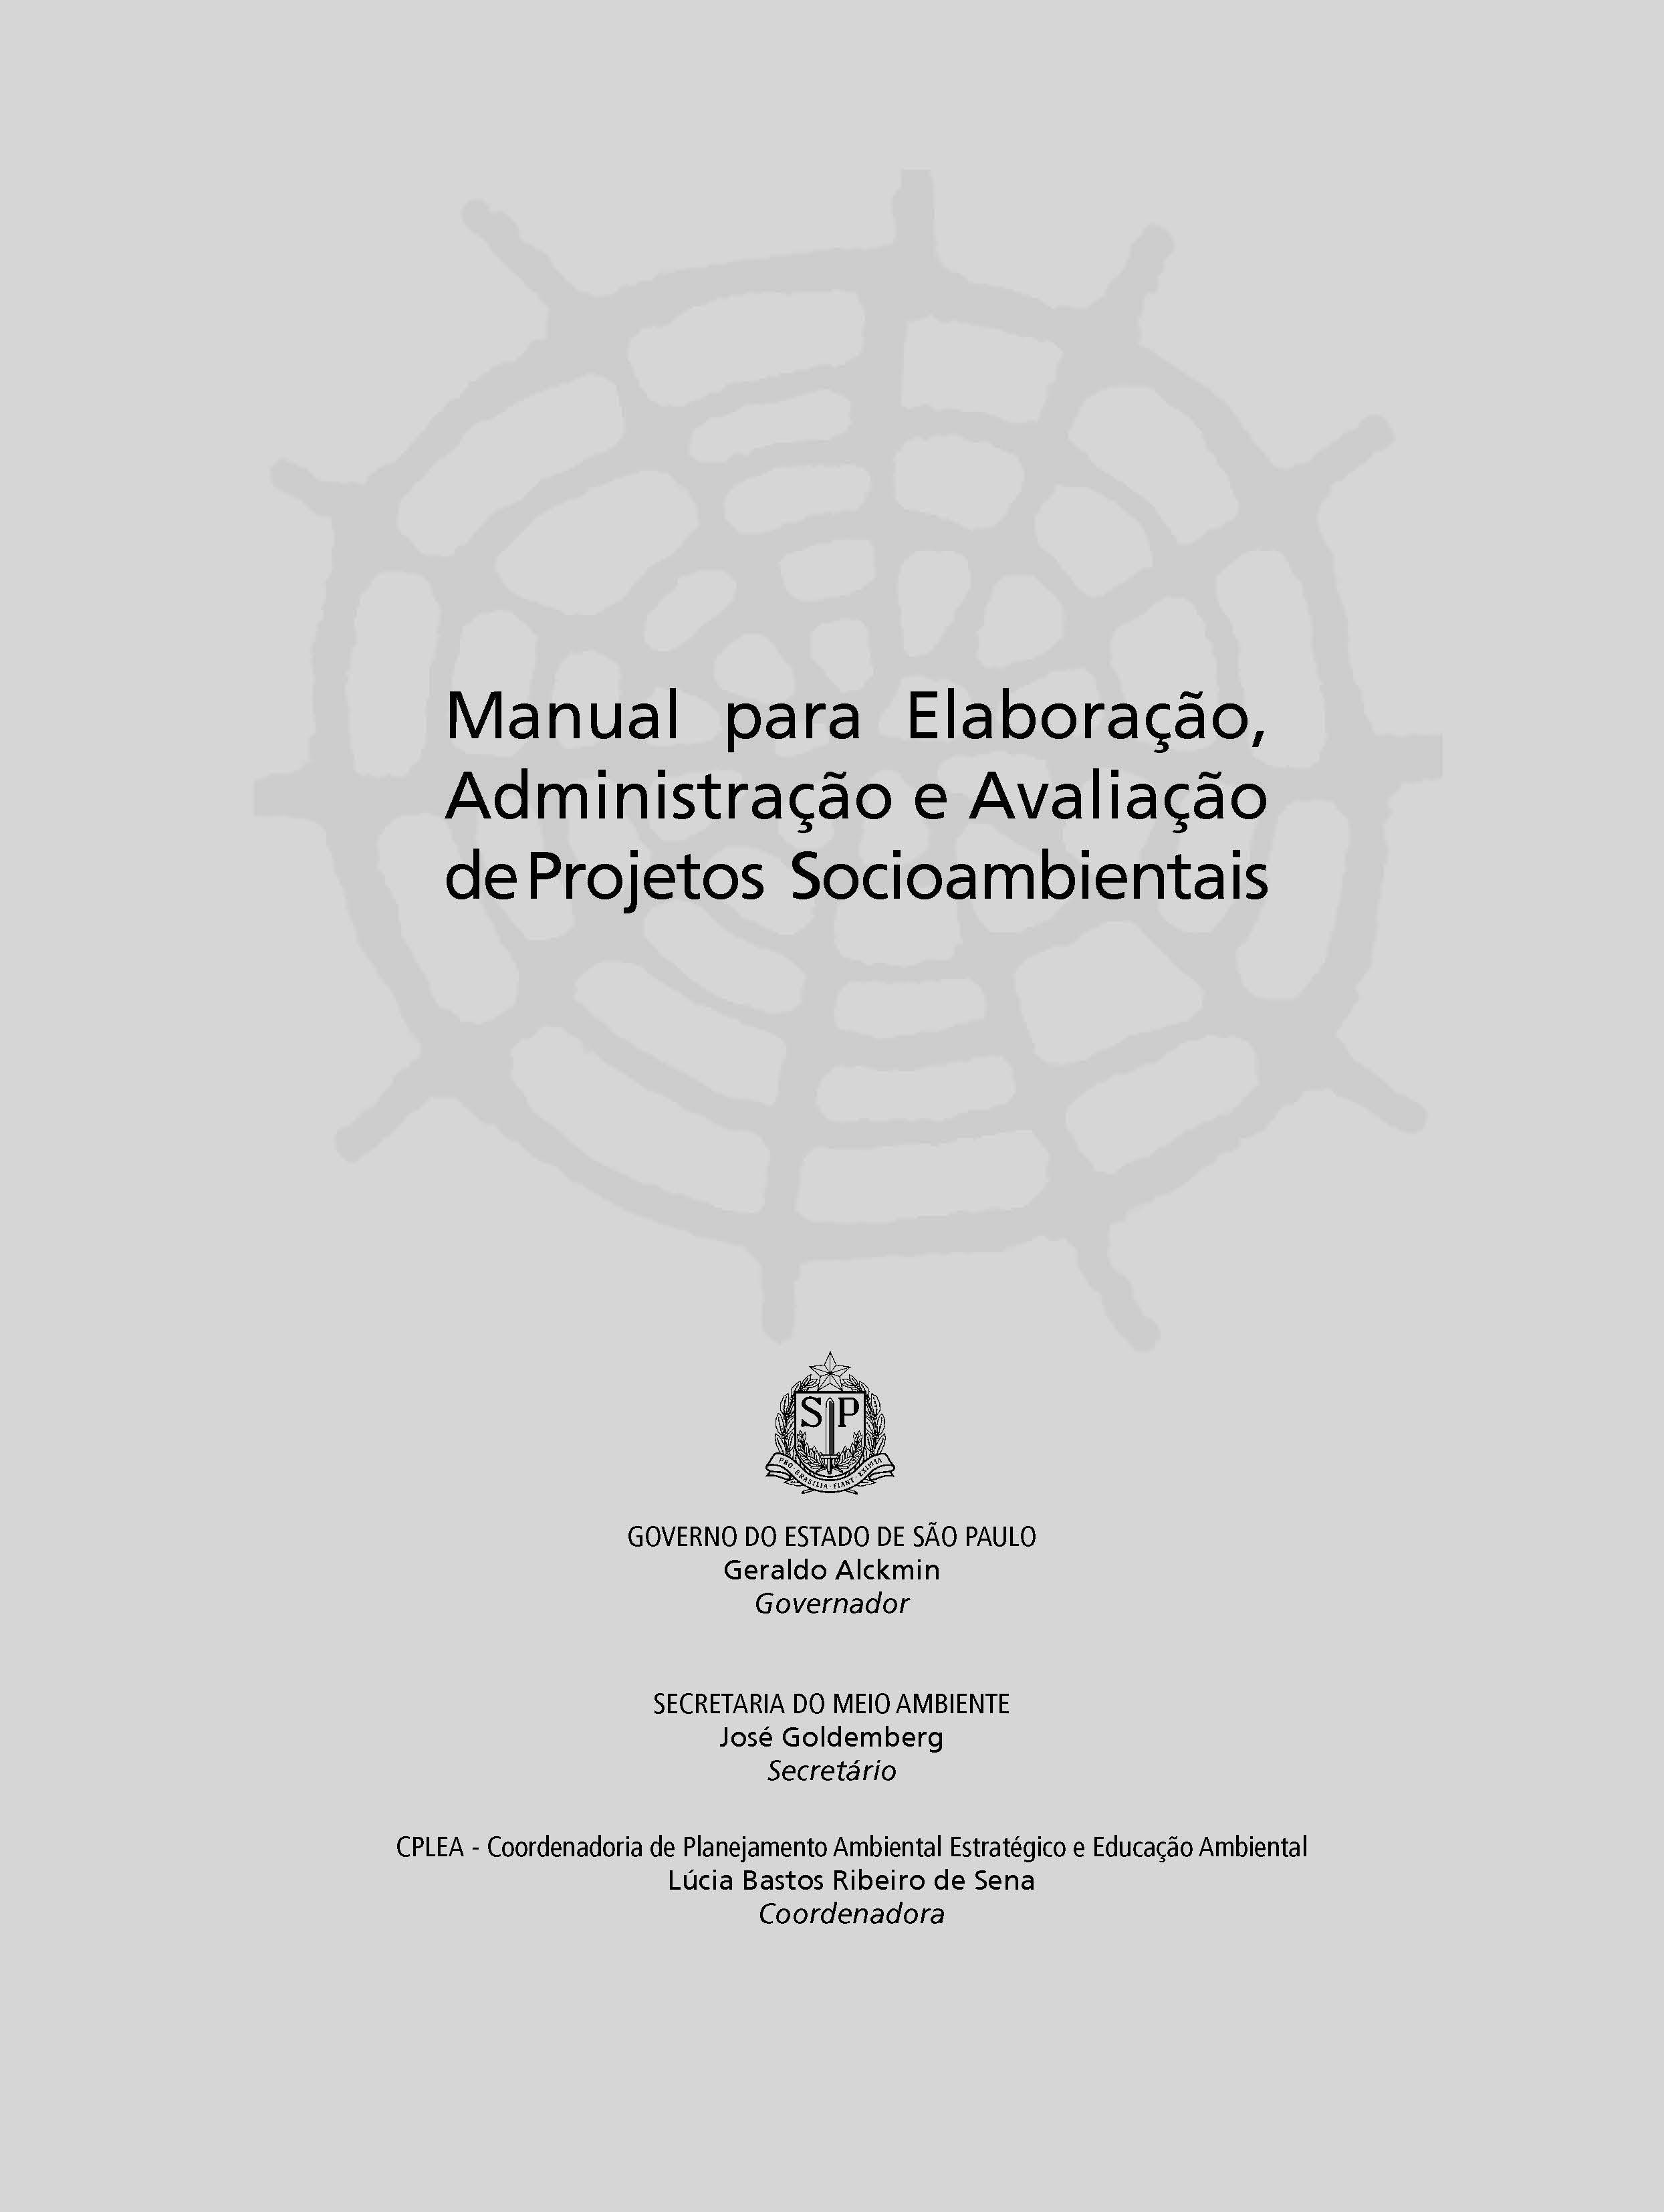 Manual para Elaboração, Administração e Avaliação de Projetos Socioambientais